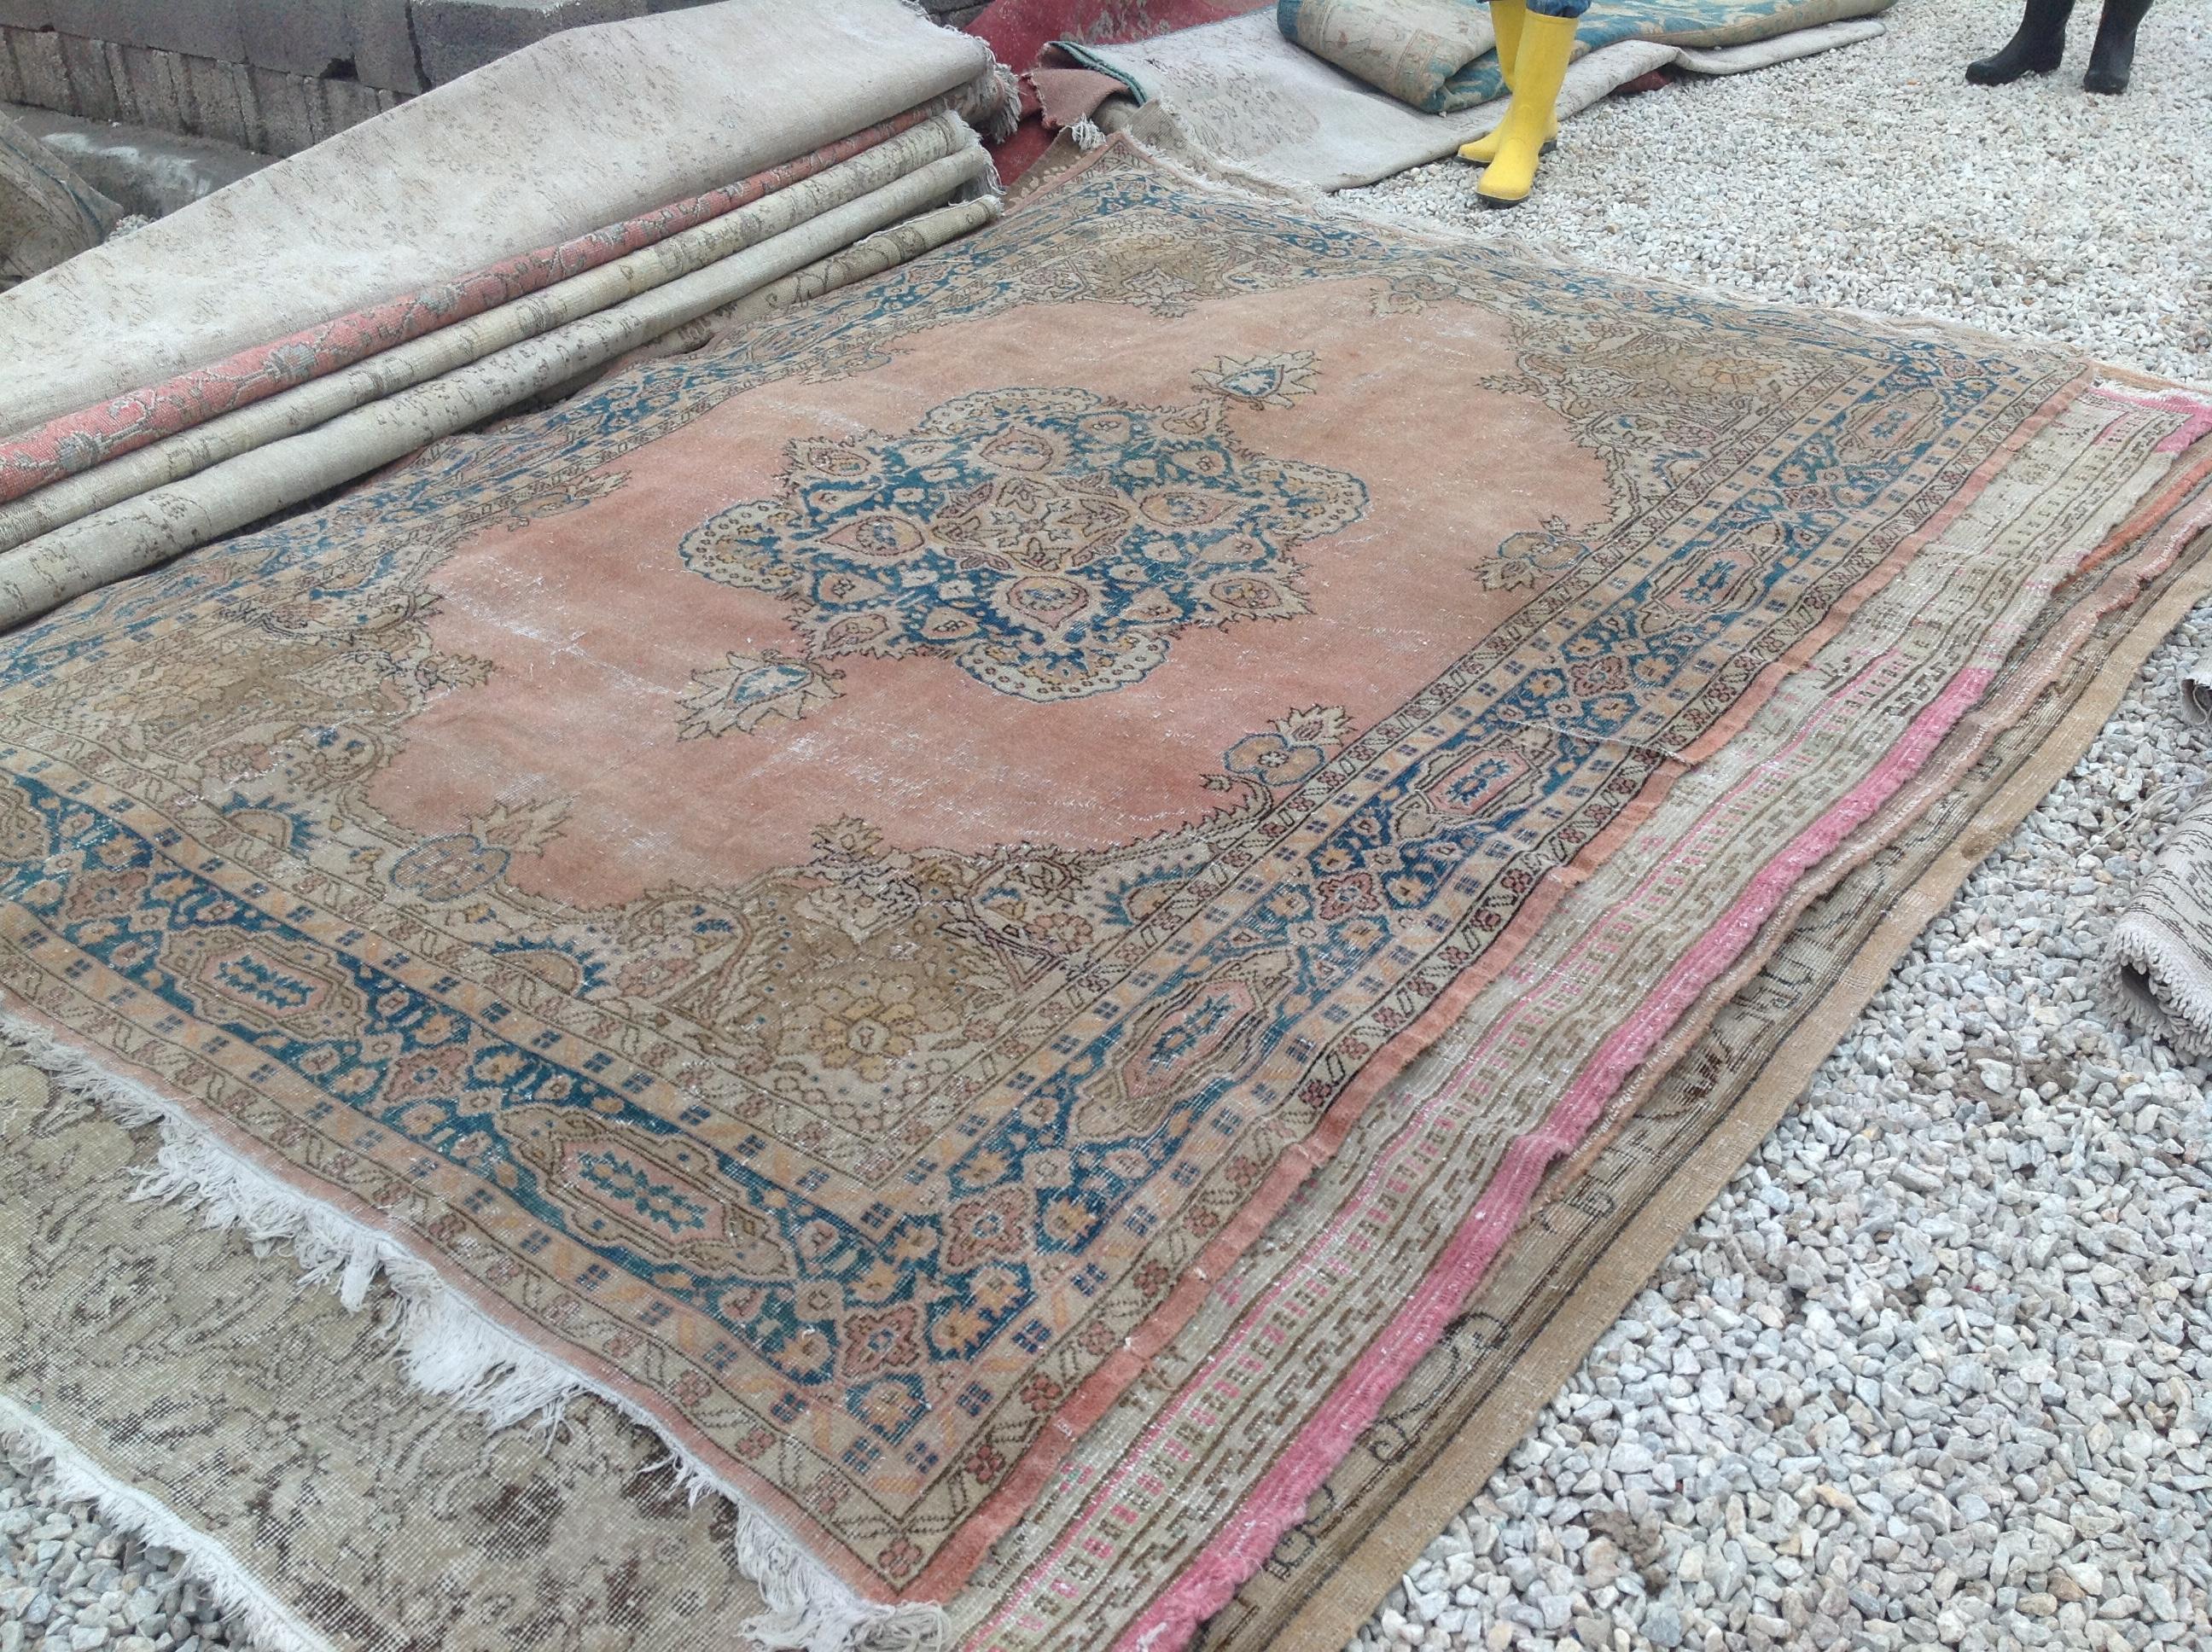 NIEUW INGEKOCHT vintage vloerkleed  uit Turkije 296cm x 204cm, no 4612 LEVERBAAR VANAF 15 DECEMBER